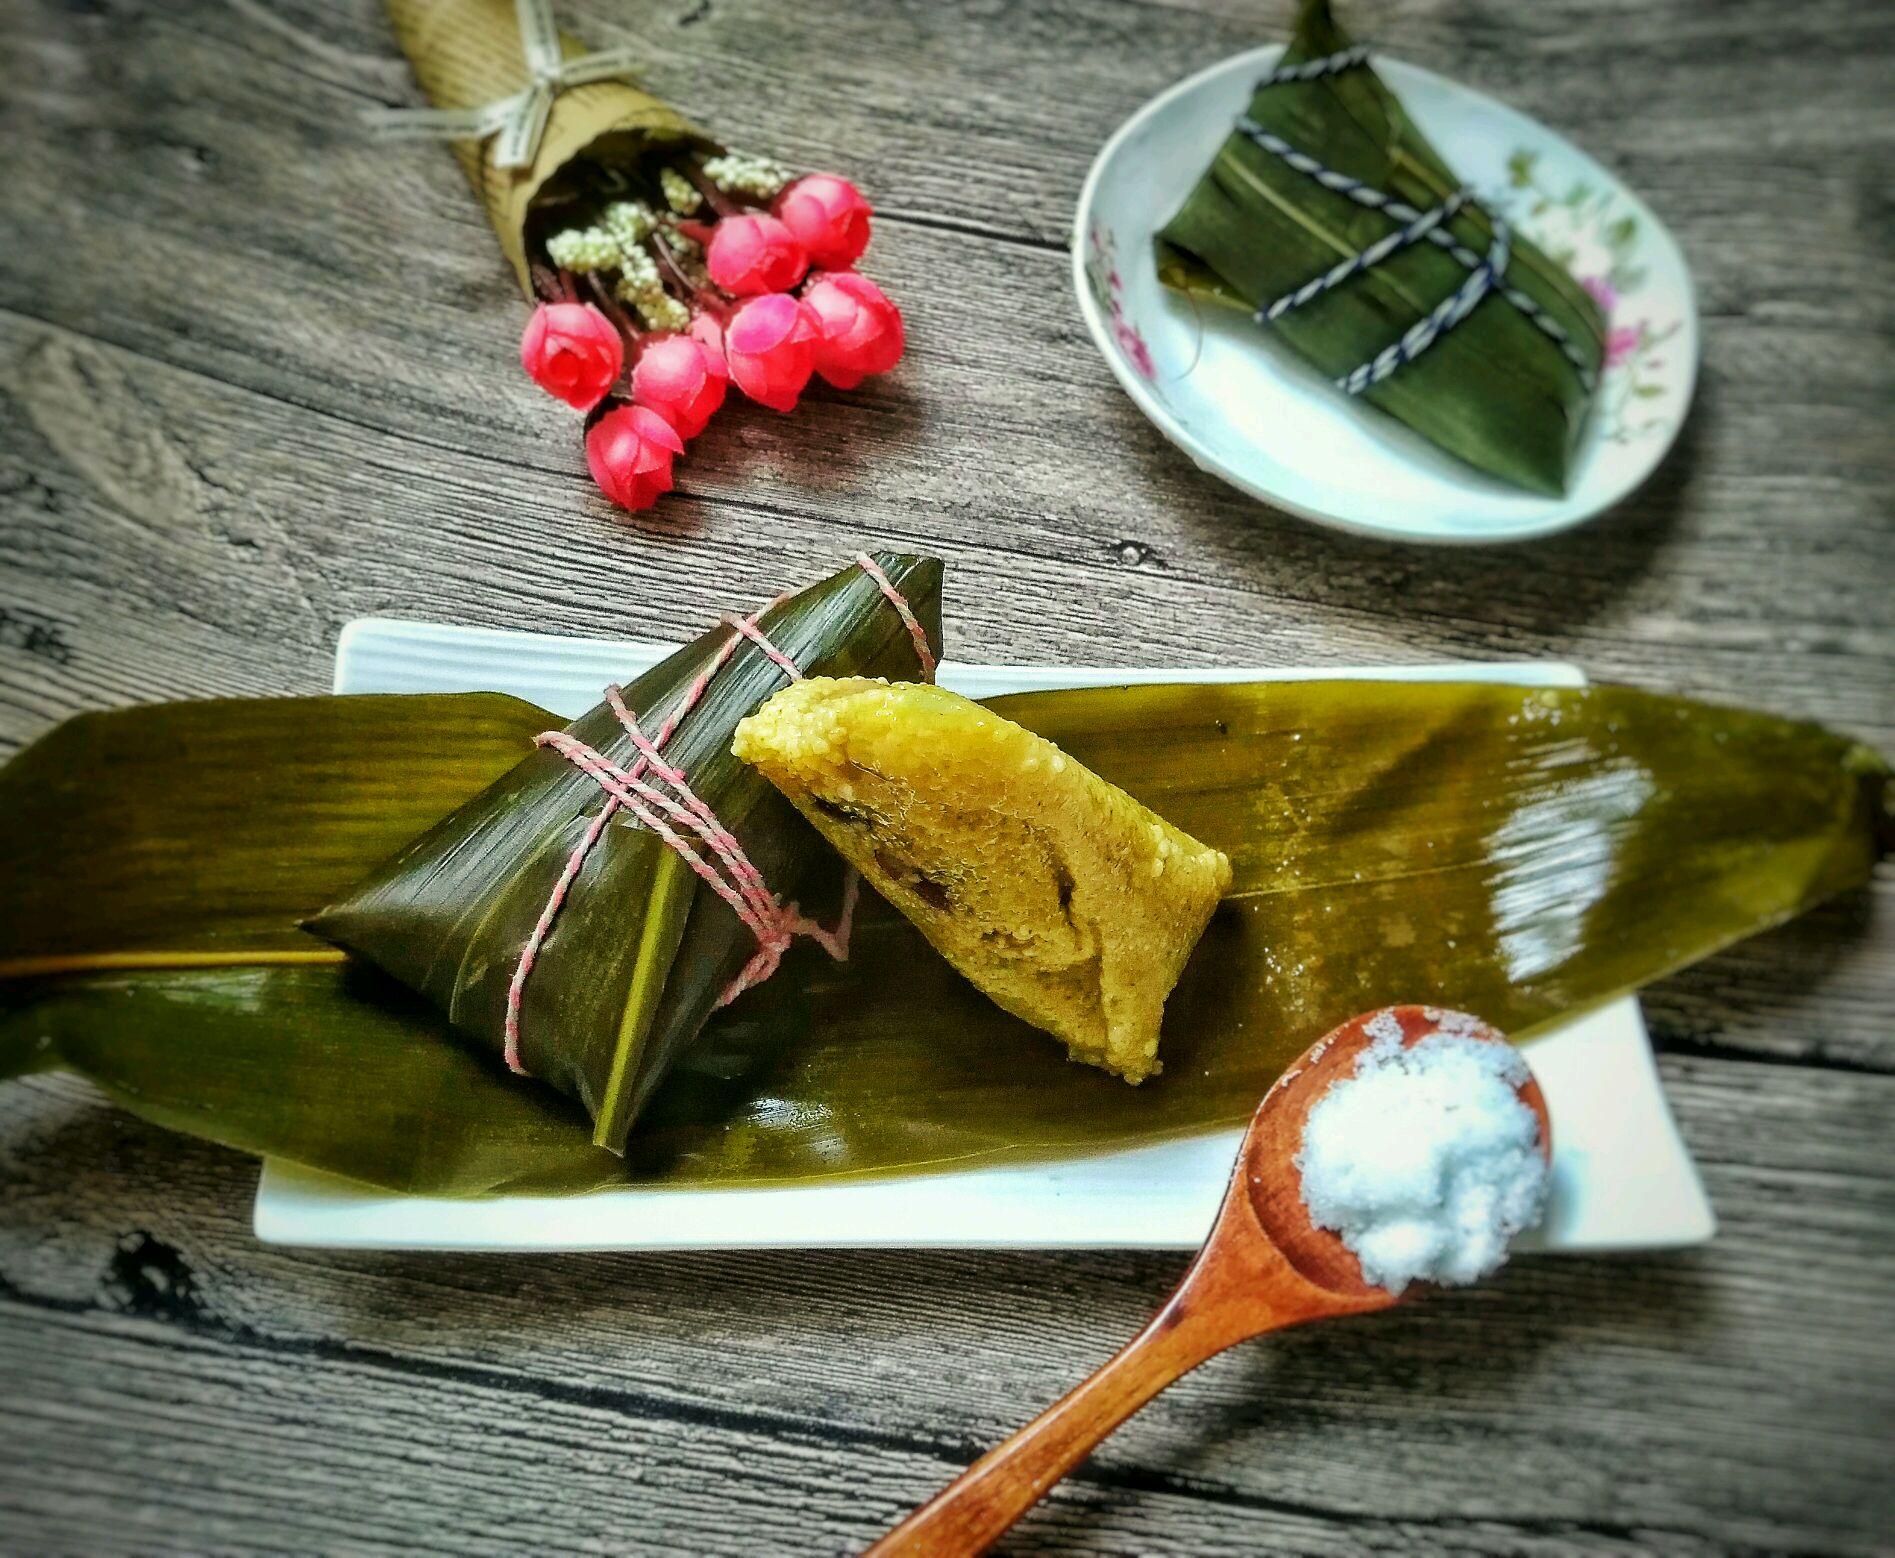 黍米怎么吃_黍米粽子(大黄米)的做法_菜谱_豆果美食